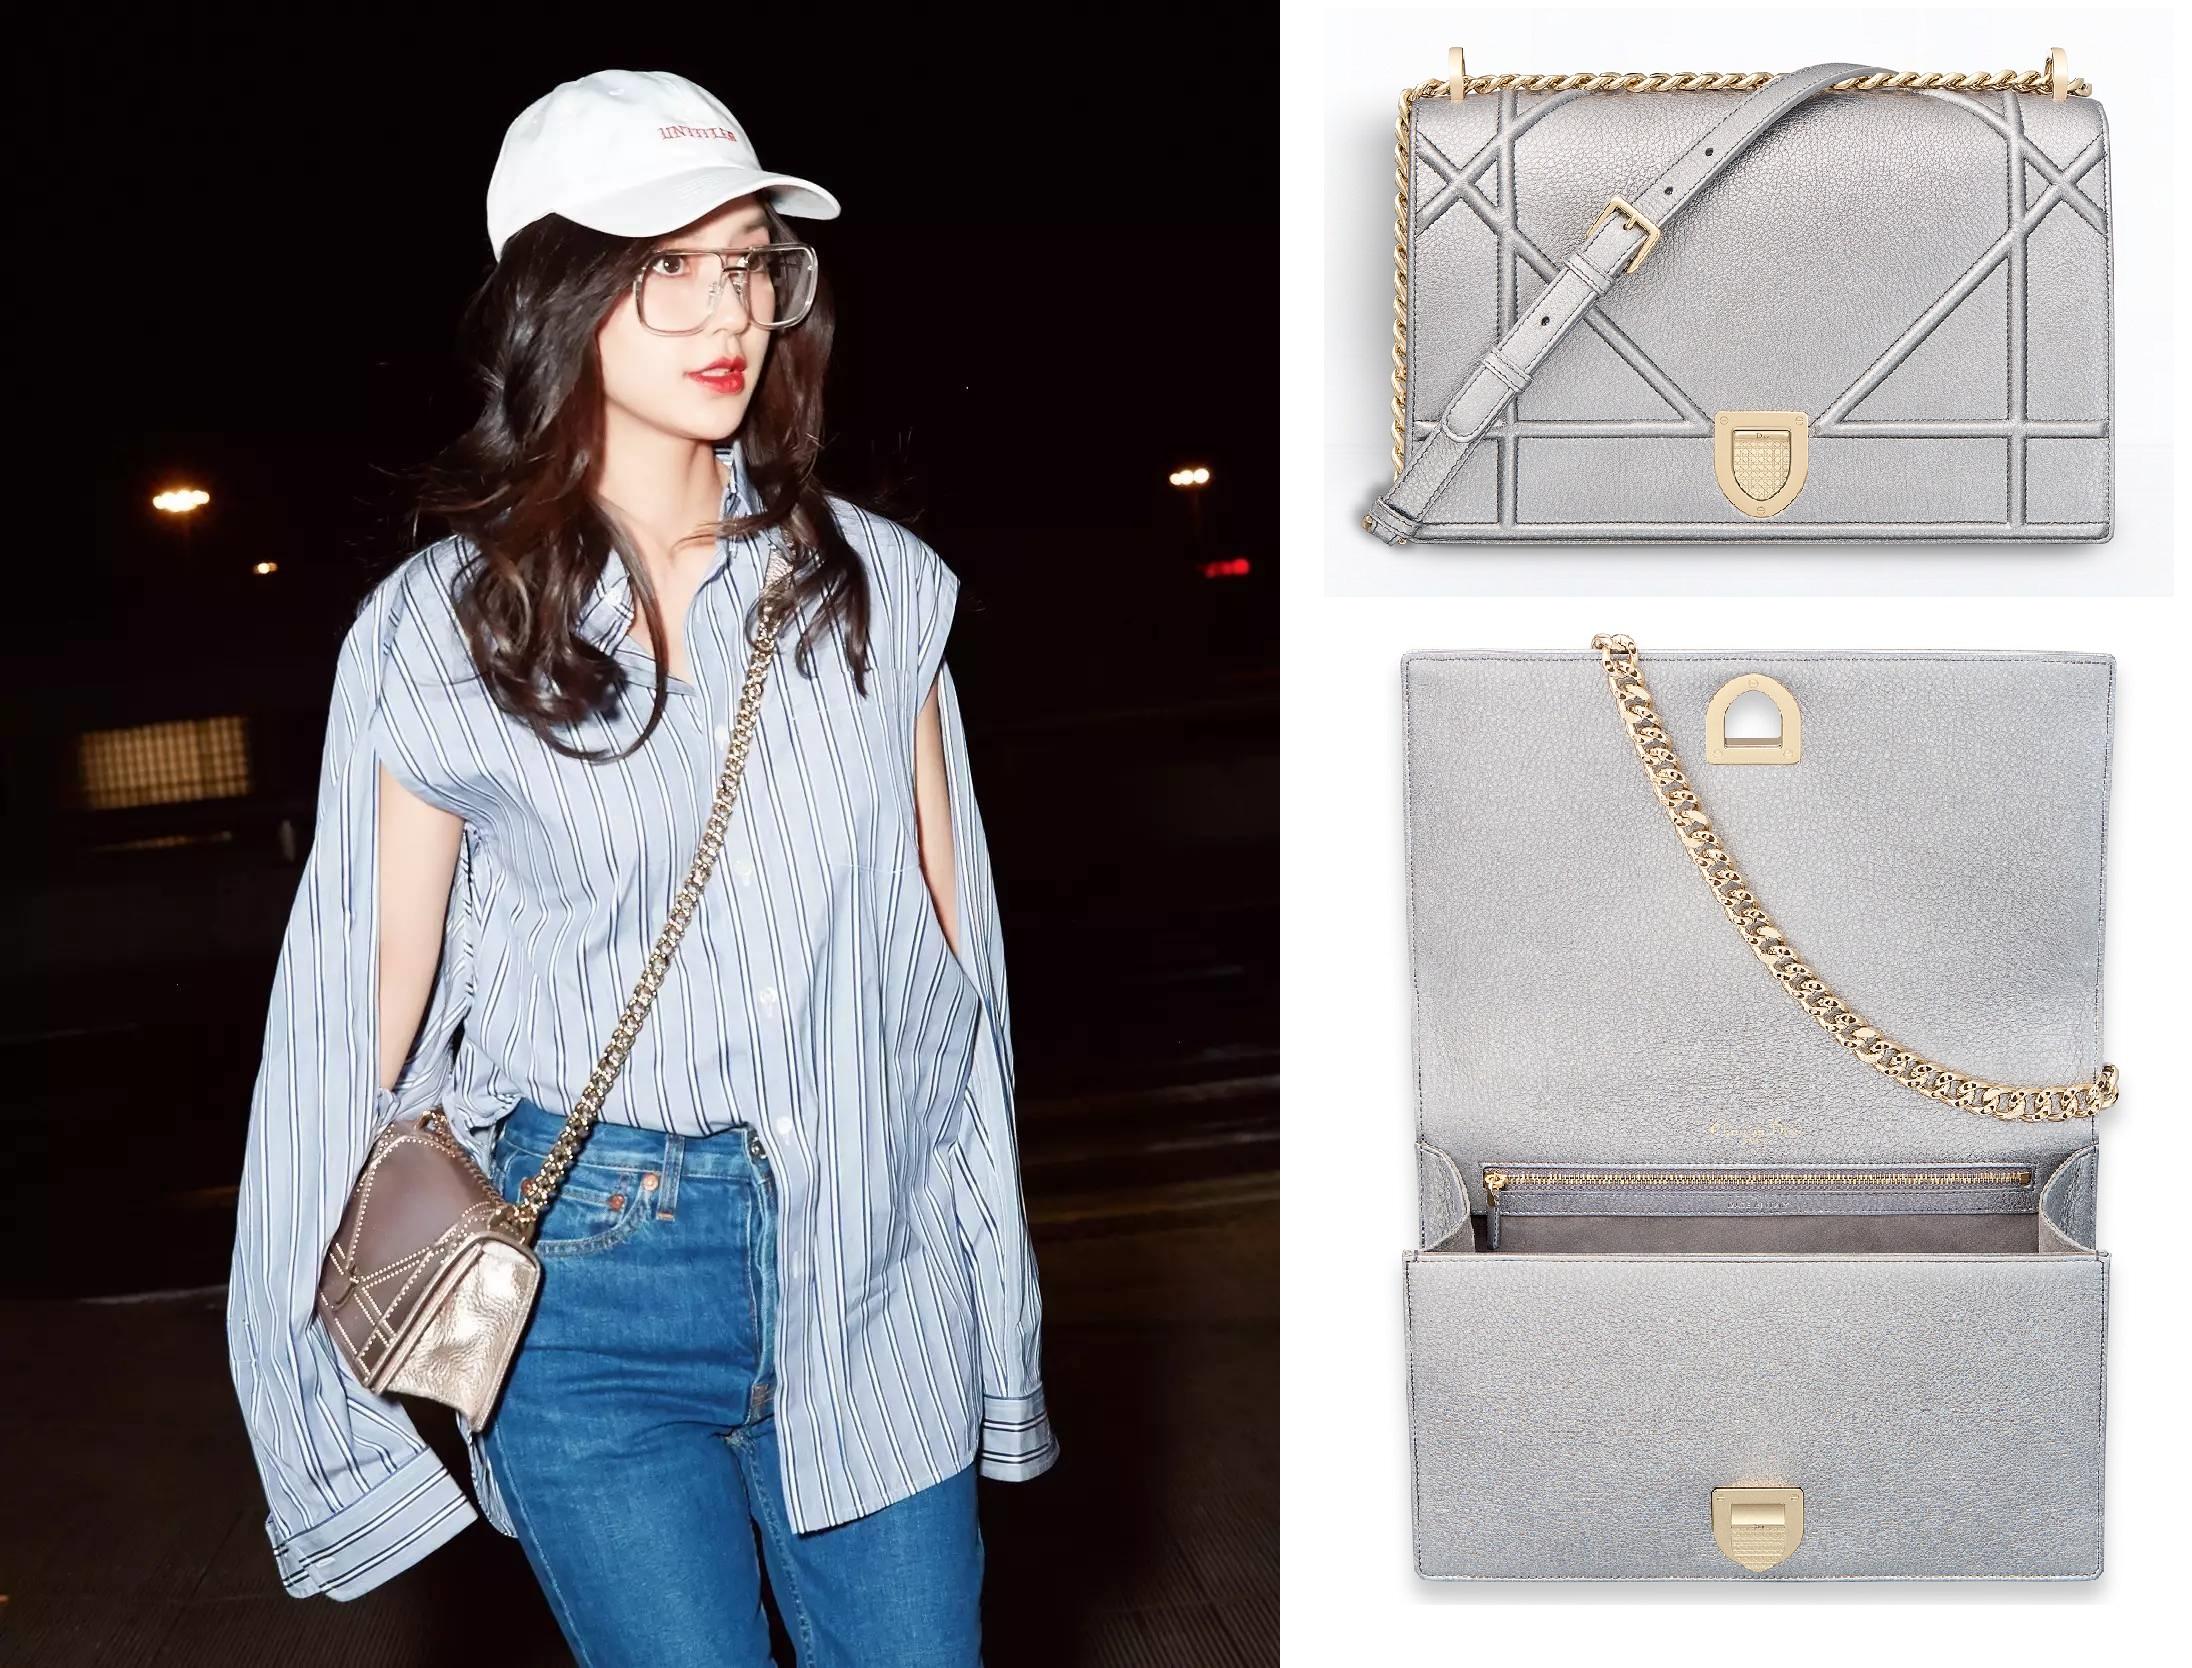 Chỉ trong 3 tháng, Angela Baby đã có bộ sưu tập túi Dior trị giá cả tỷ đồng khiến ai cũng ghen tị - Ảnh 4.